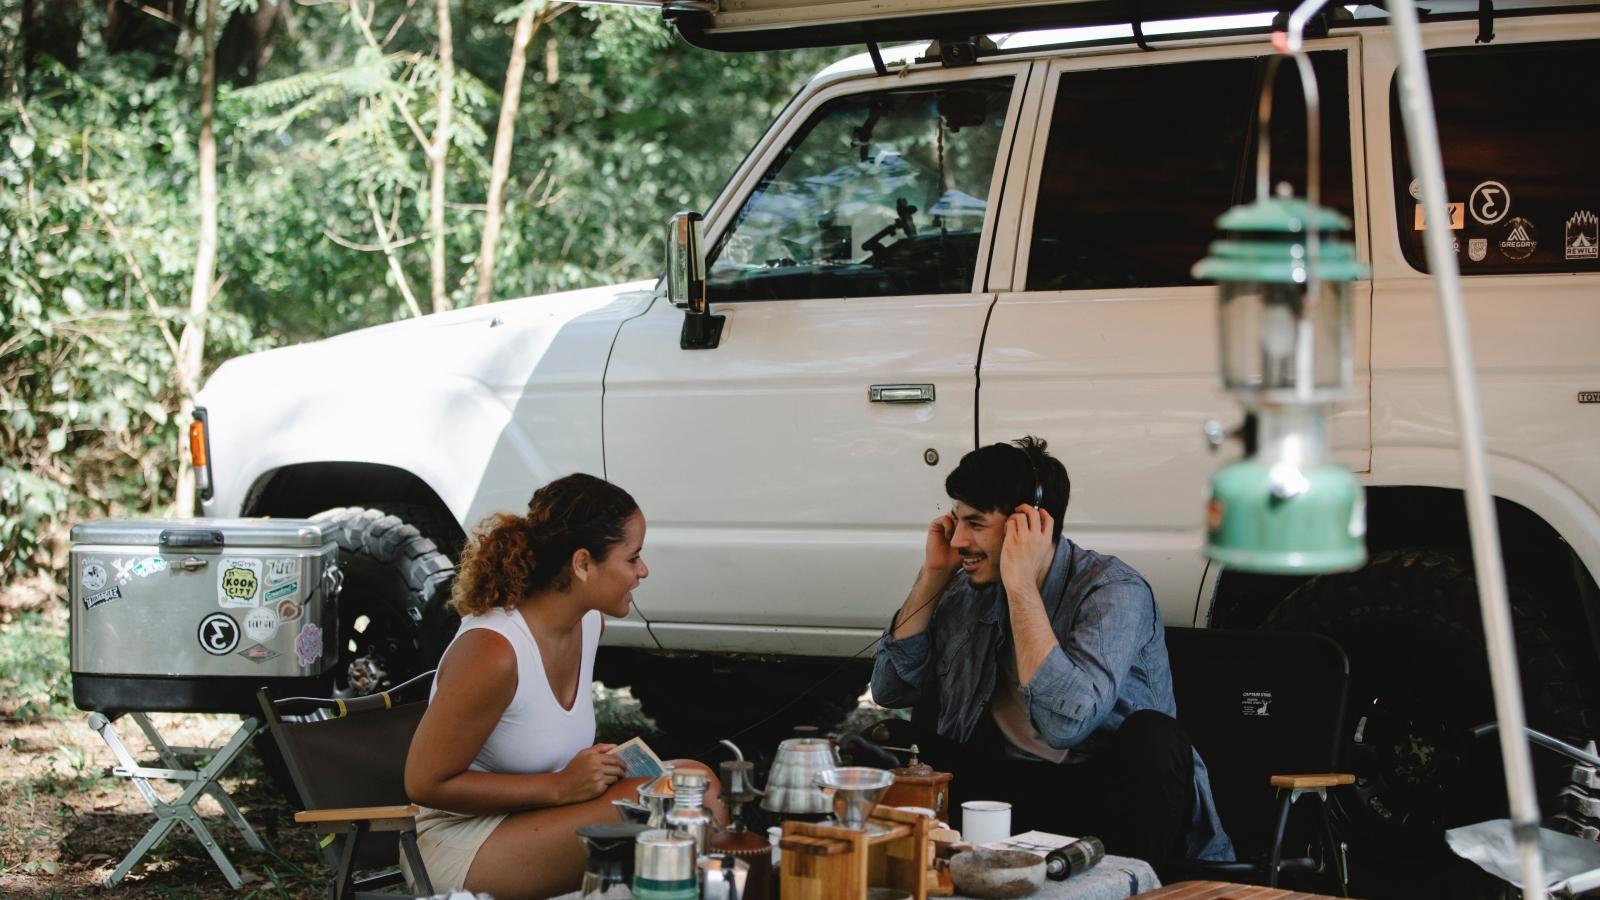 Kinh nghiệm cho chuyến du lịch đầu tiên bằng xe cắm trại